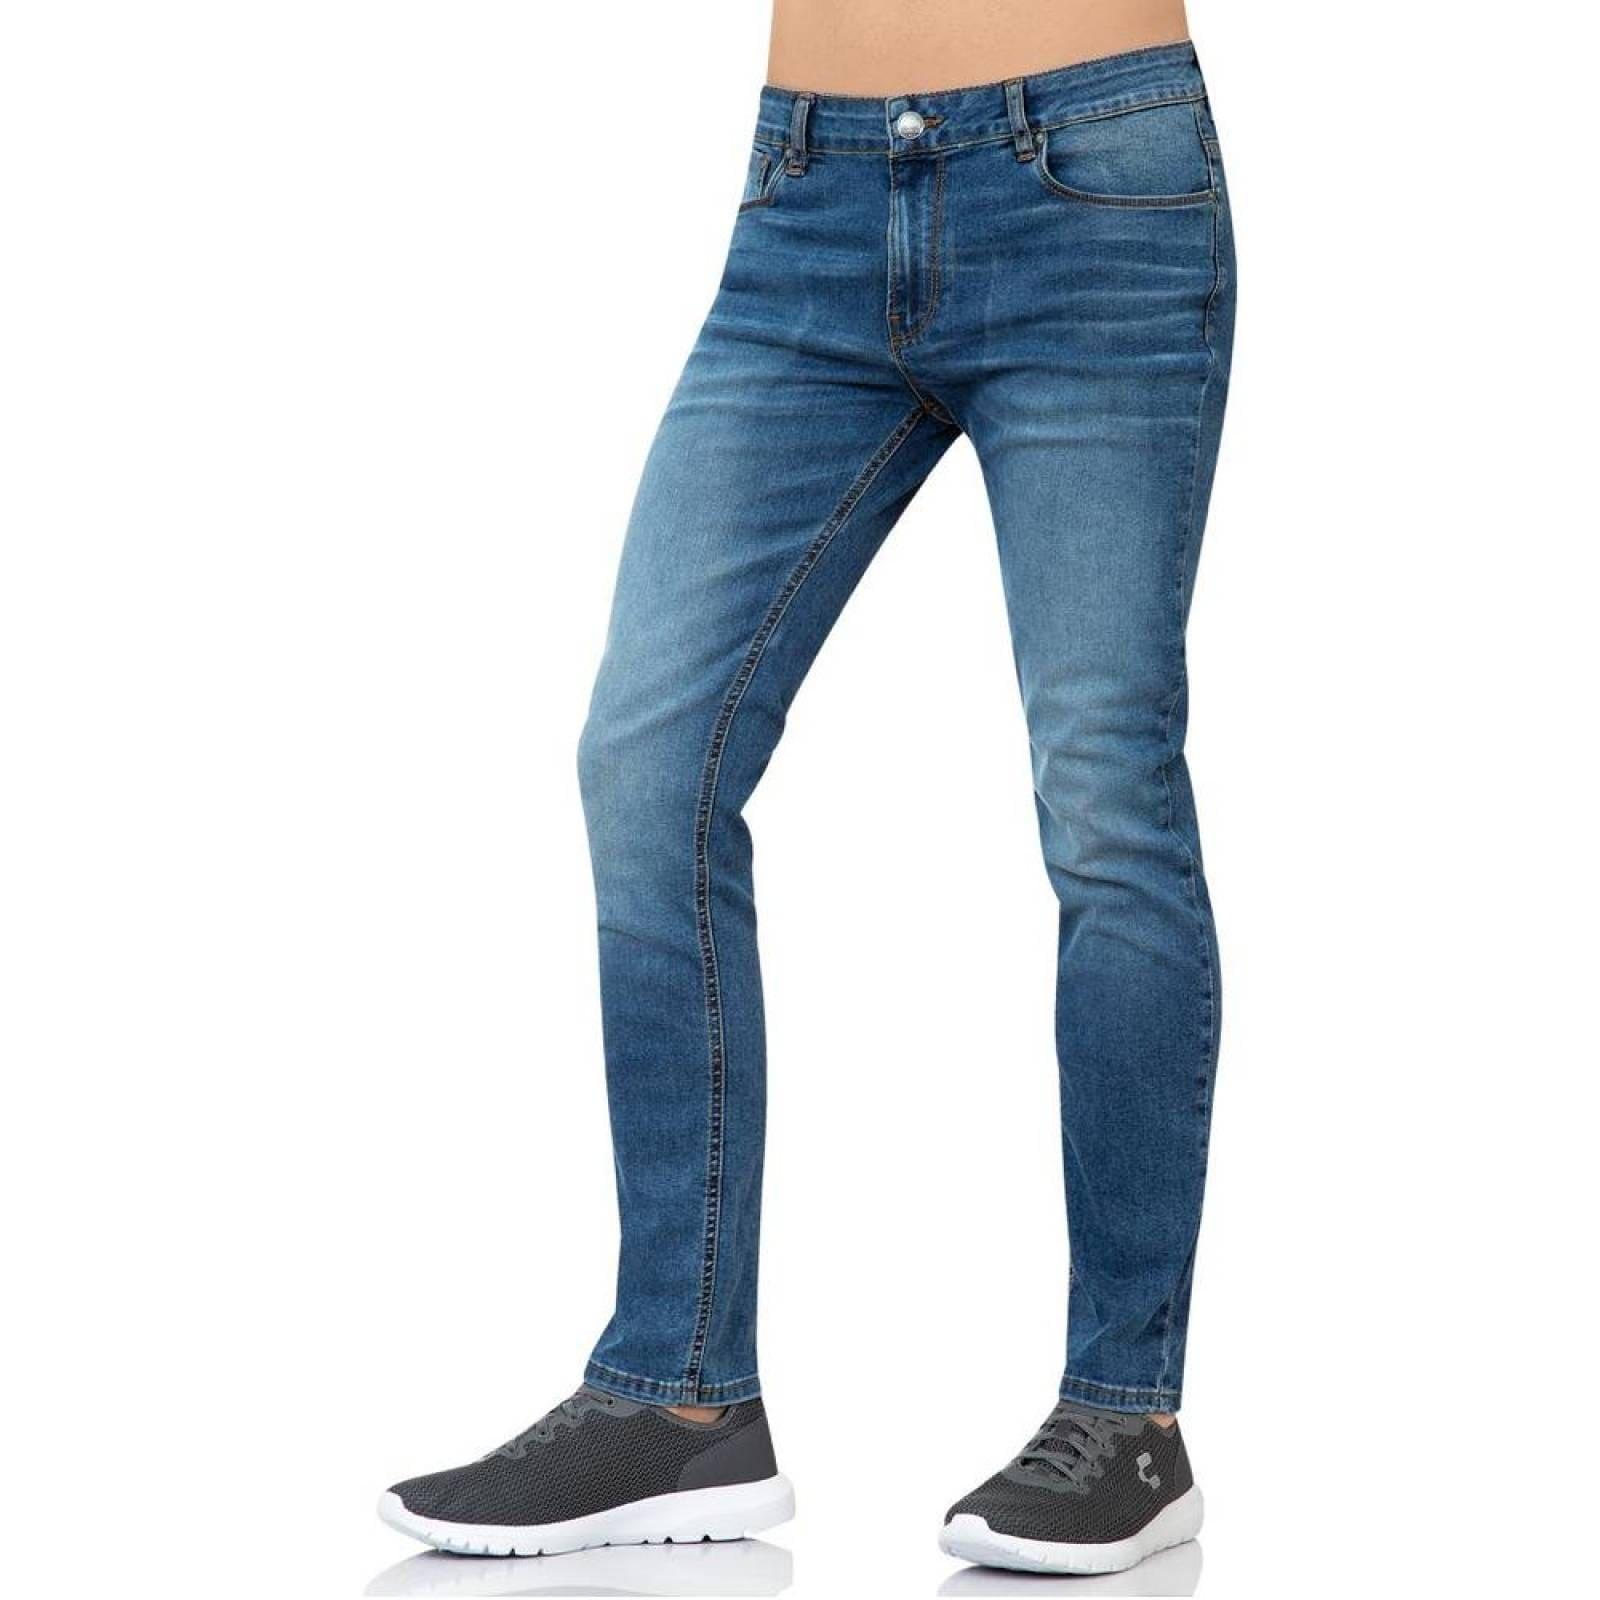 Jeans Furor Hombre Azul MezclillaStretch Rolling